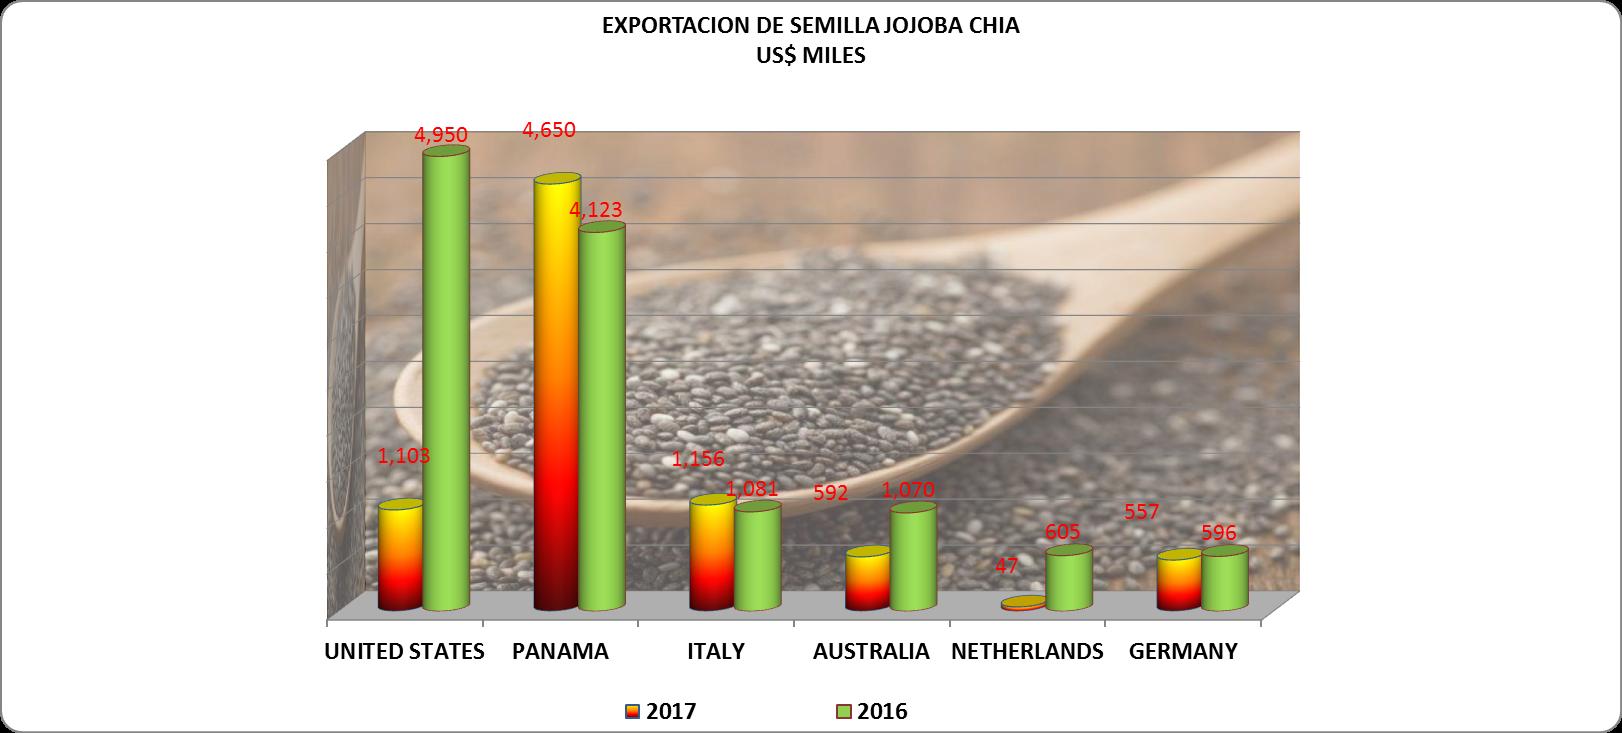 Semillas, Chia, Jojoba, Perú Exportación 2017 Julio